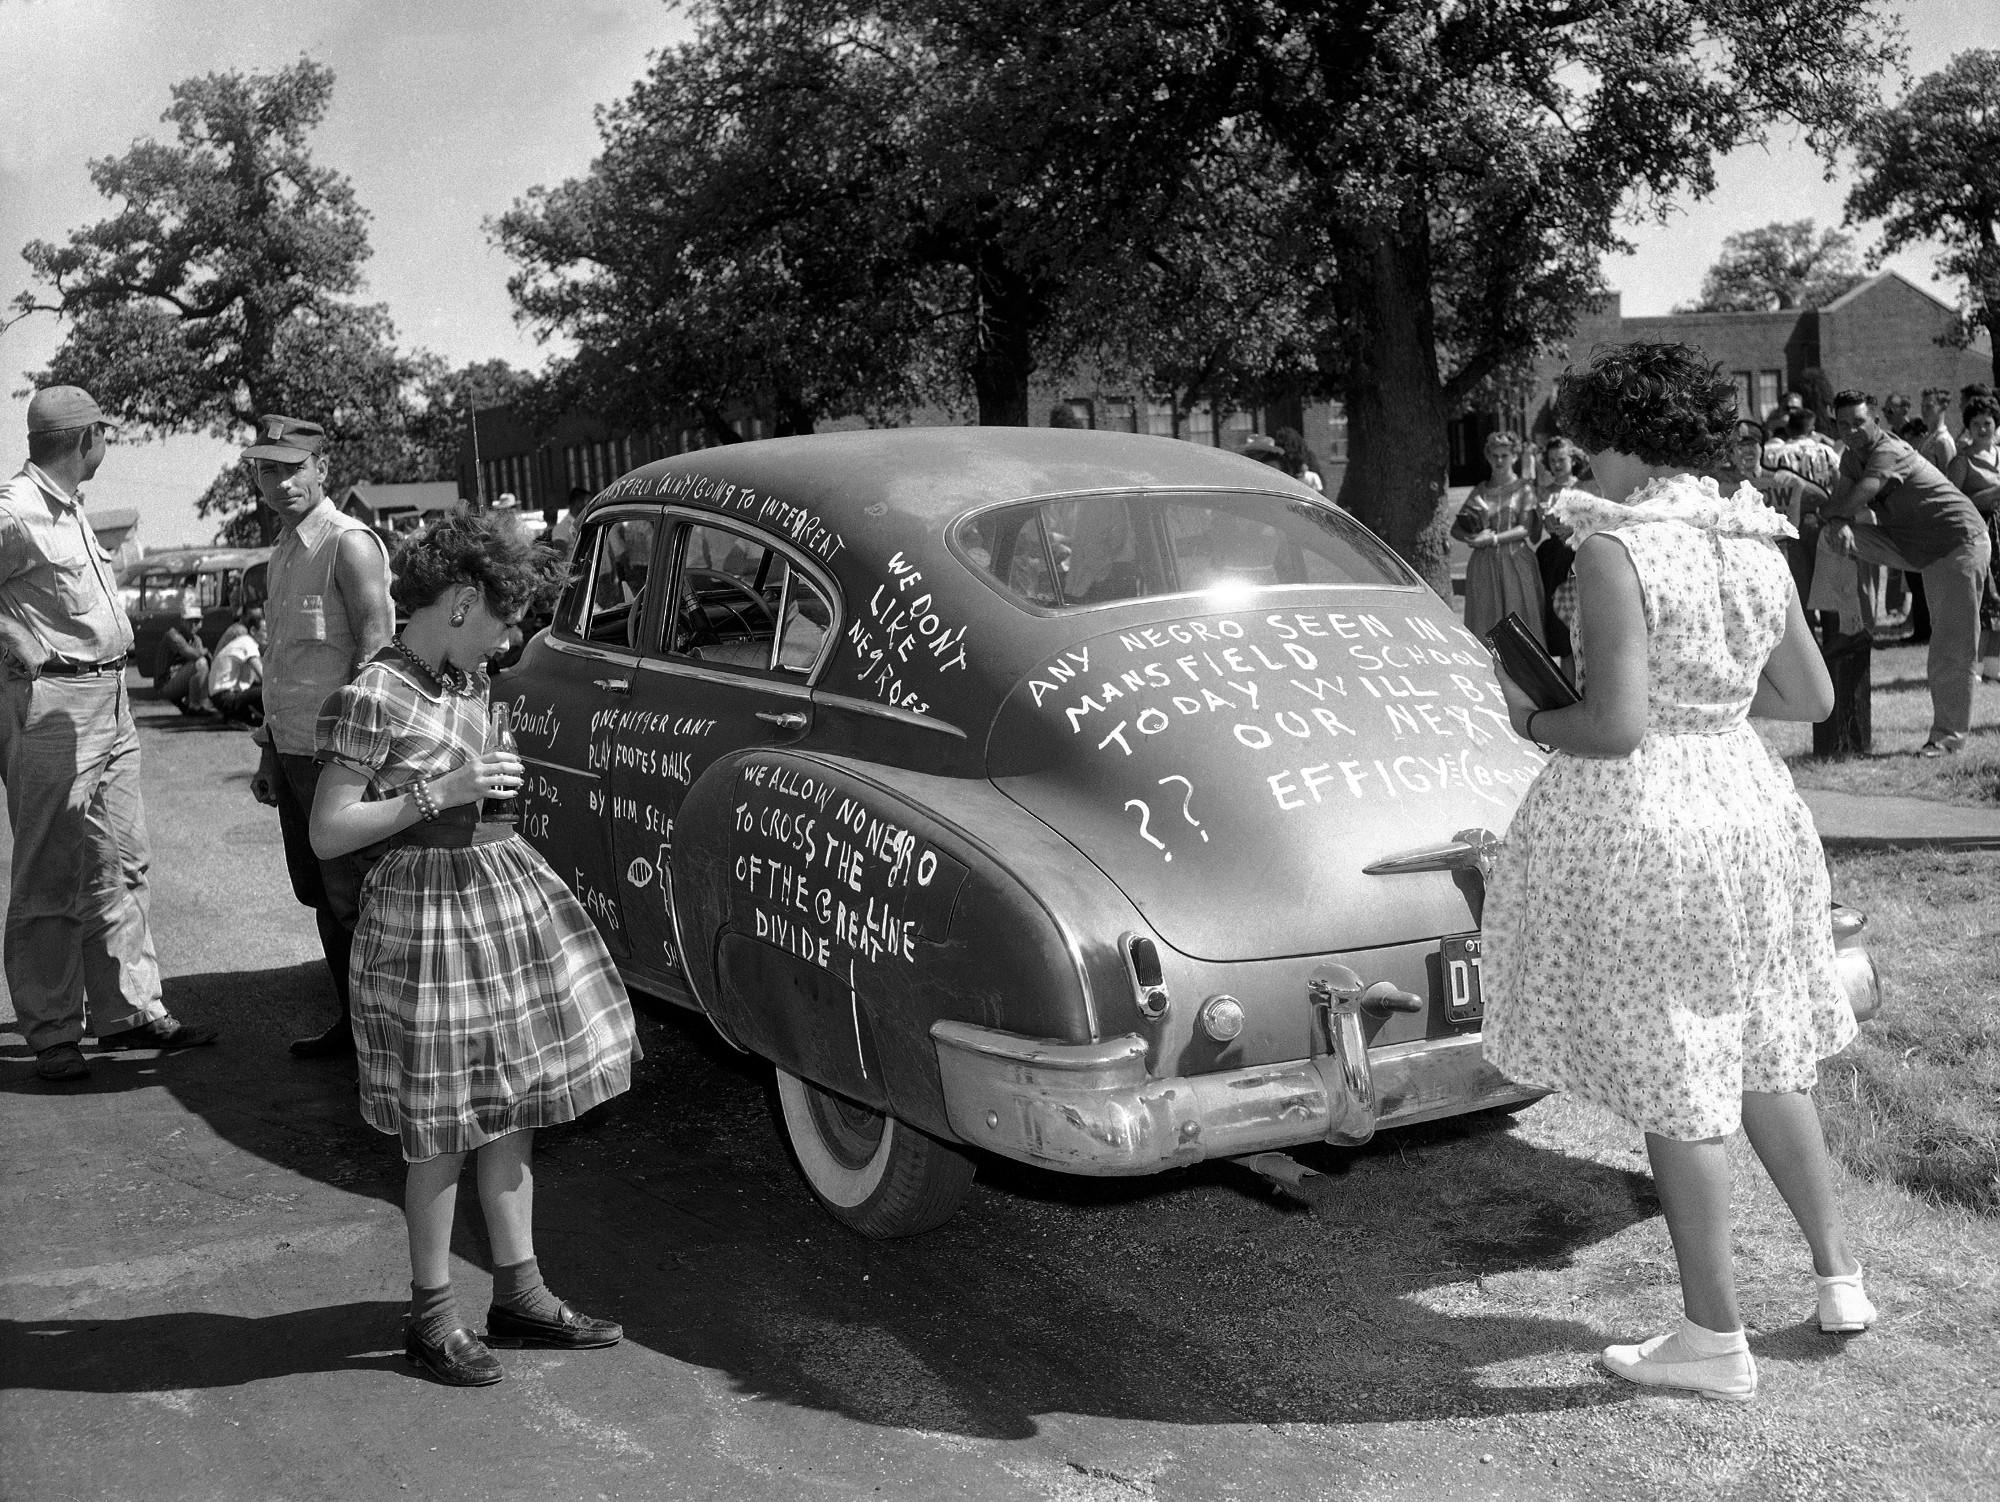 racial slurs written on cars